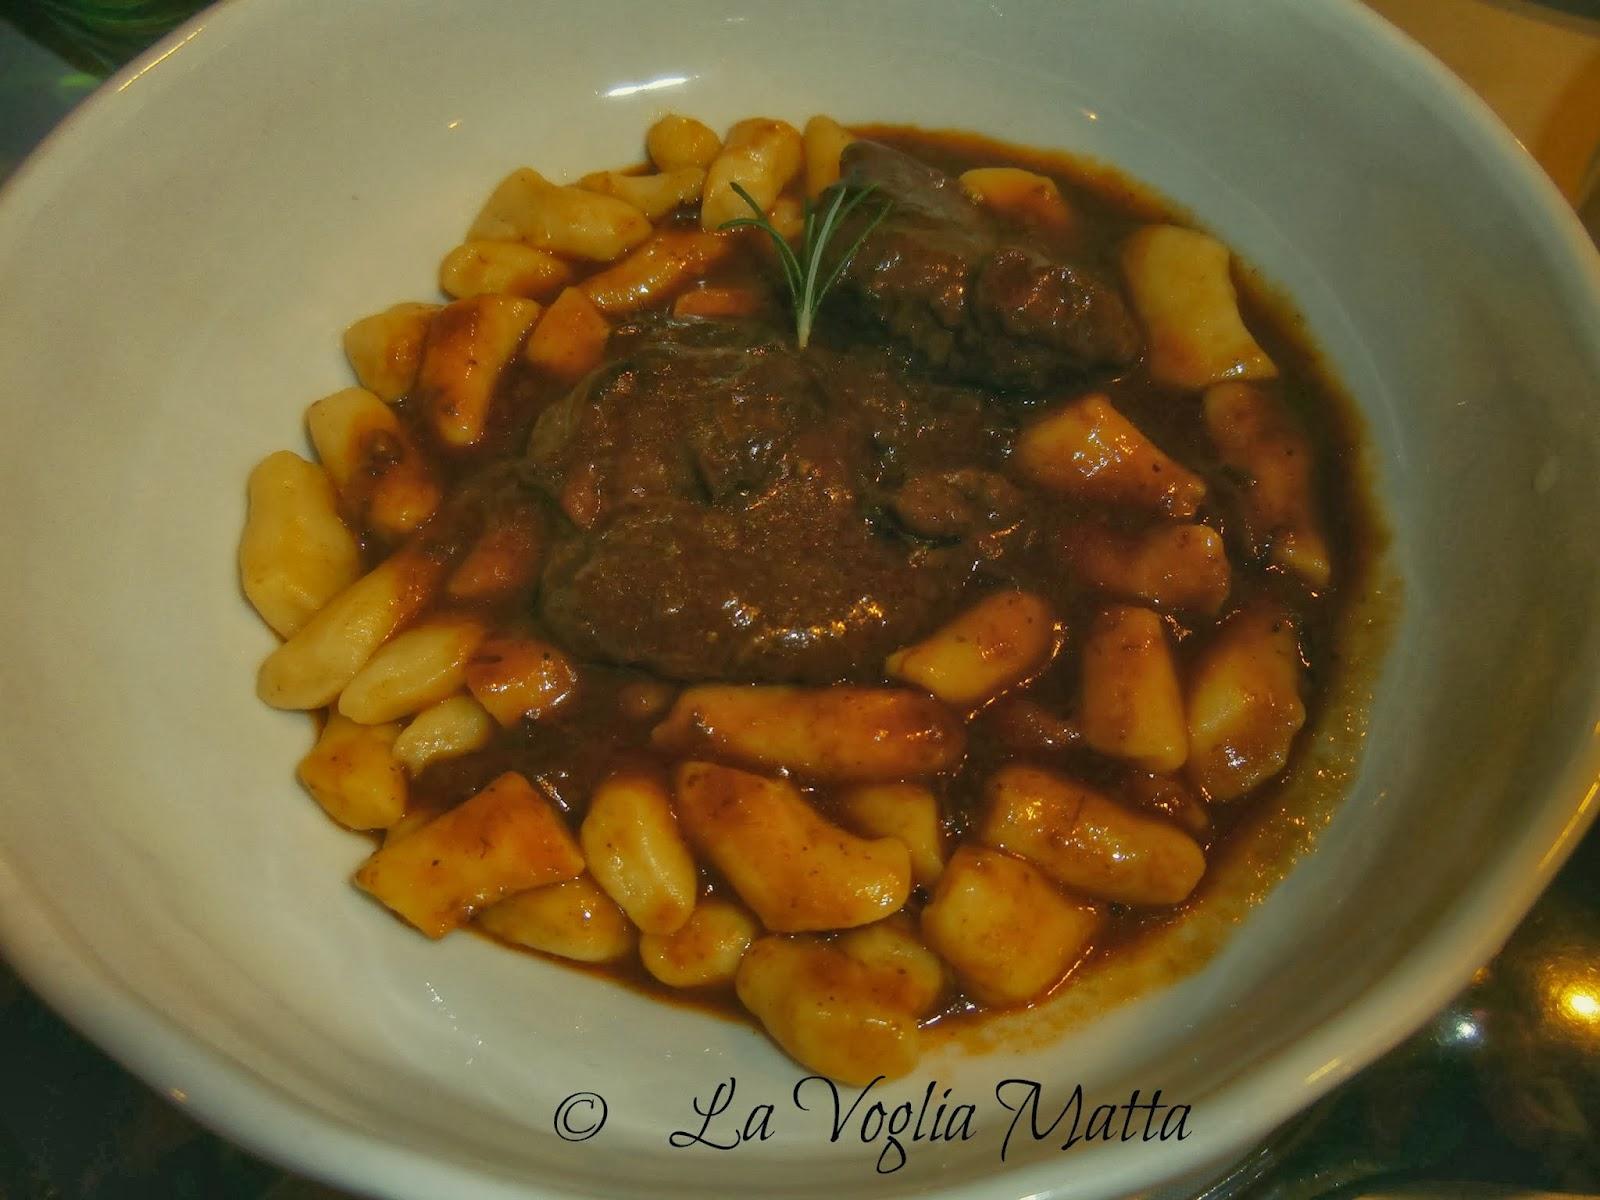 Stari Podrum goulash con carne di manzo boscarin, tipica razza istriana